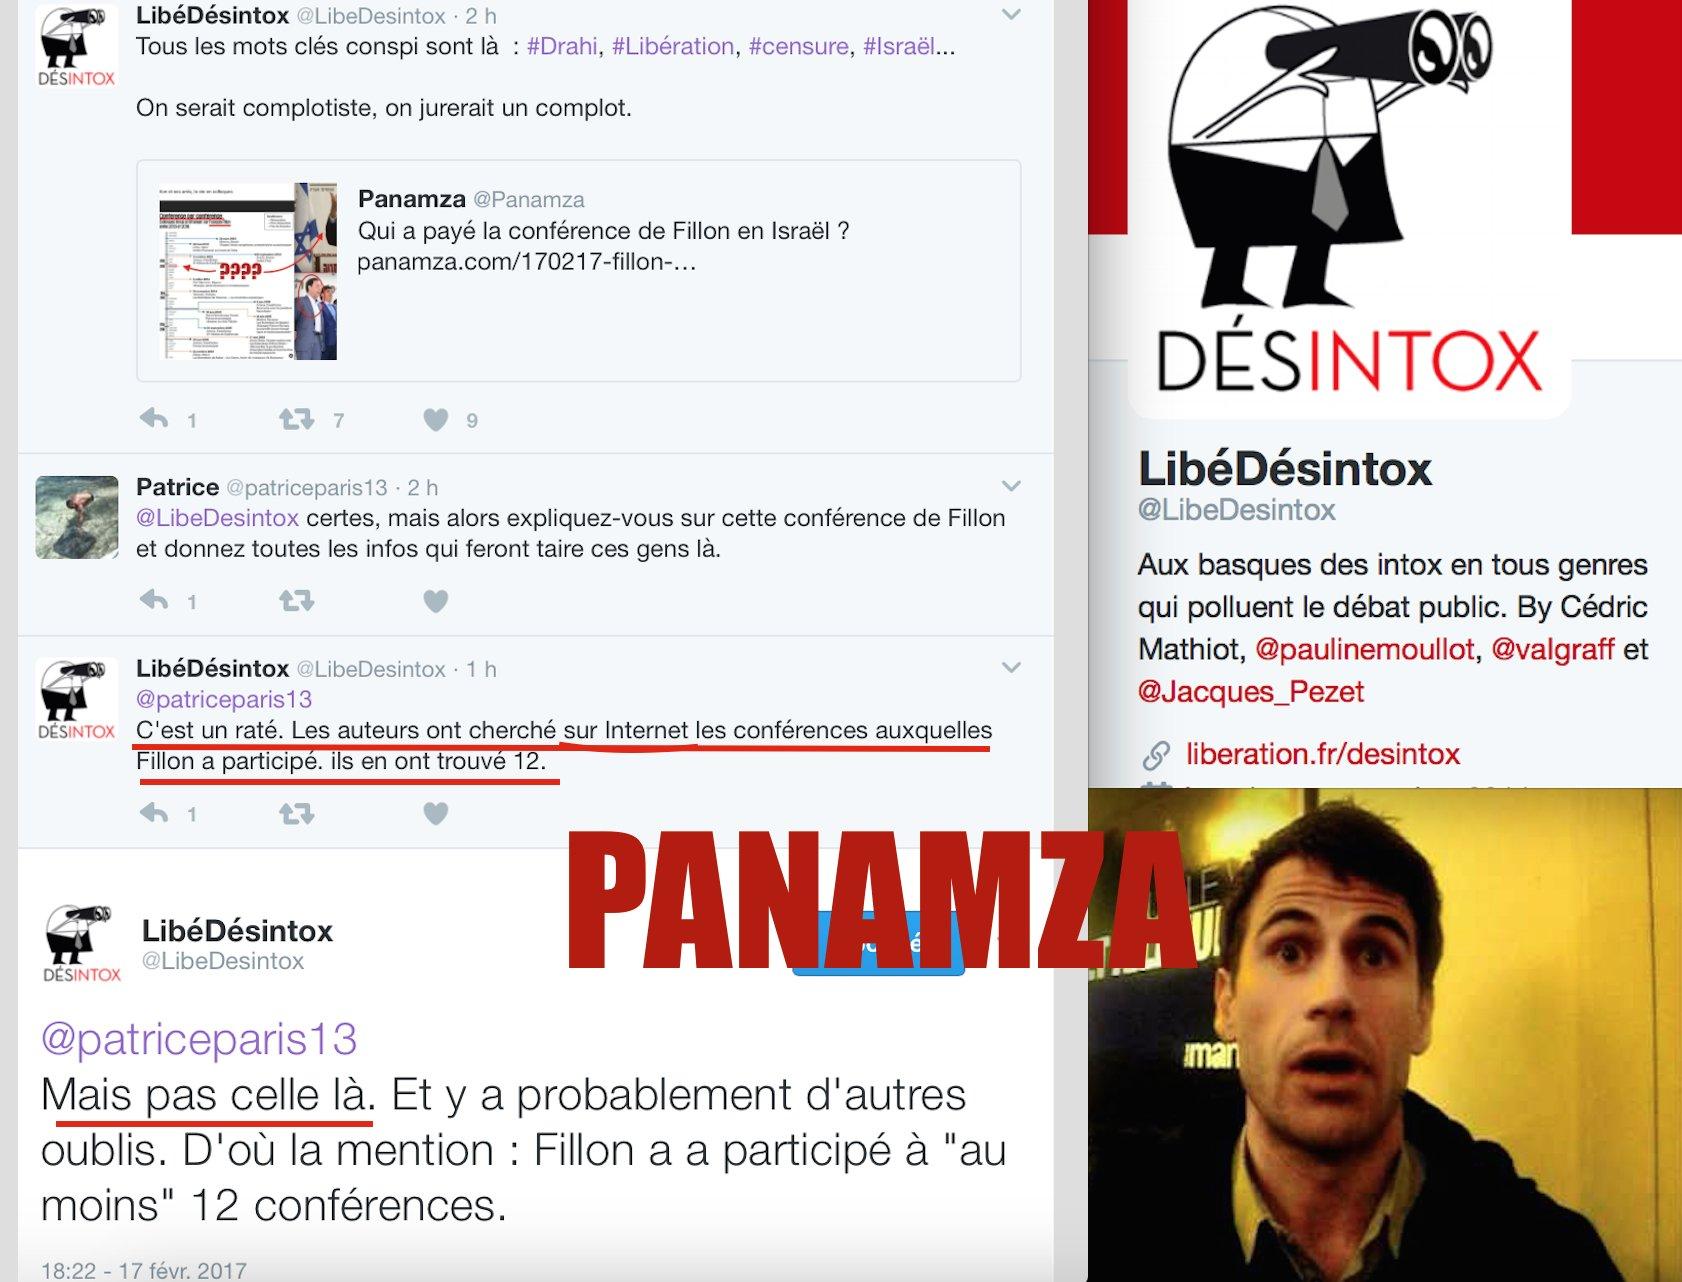 Libération humilié par Panamza : le journal prétend avoir «raté» l'info sur la conférence israélienne de Fillon